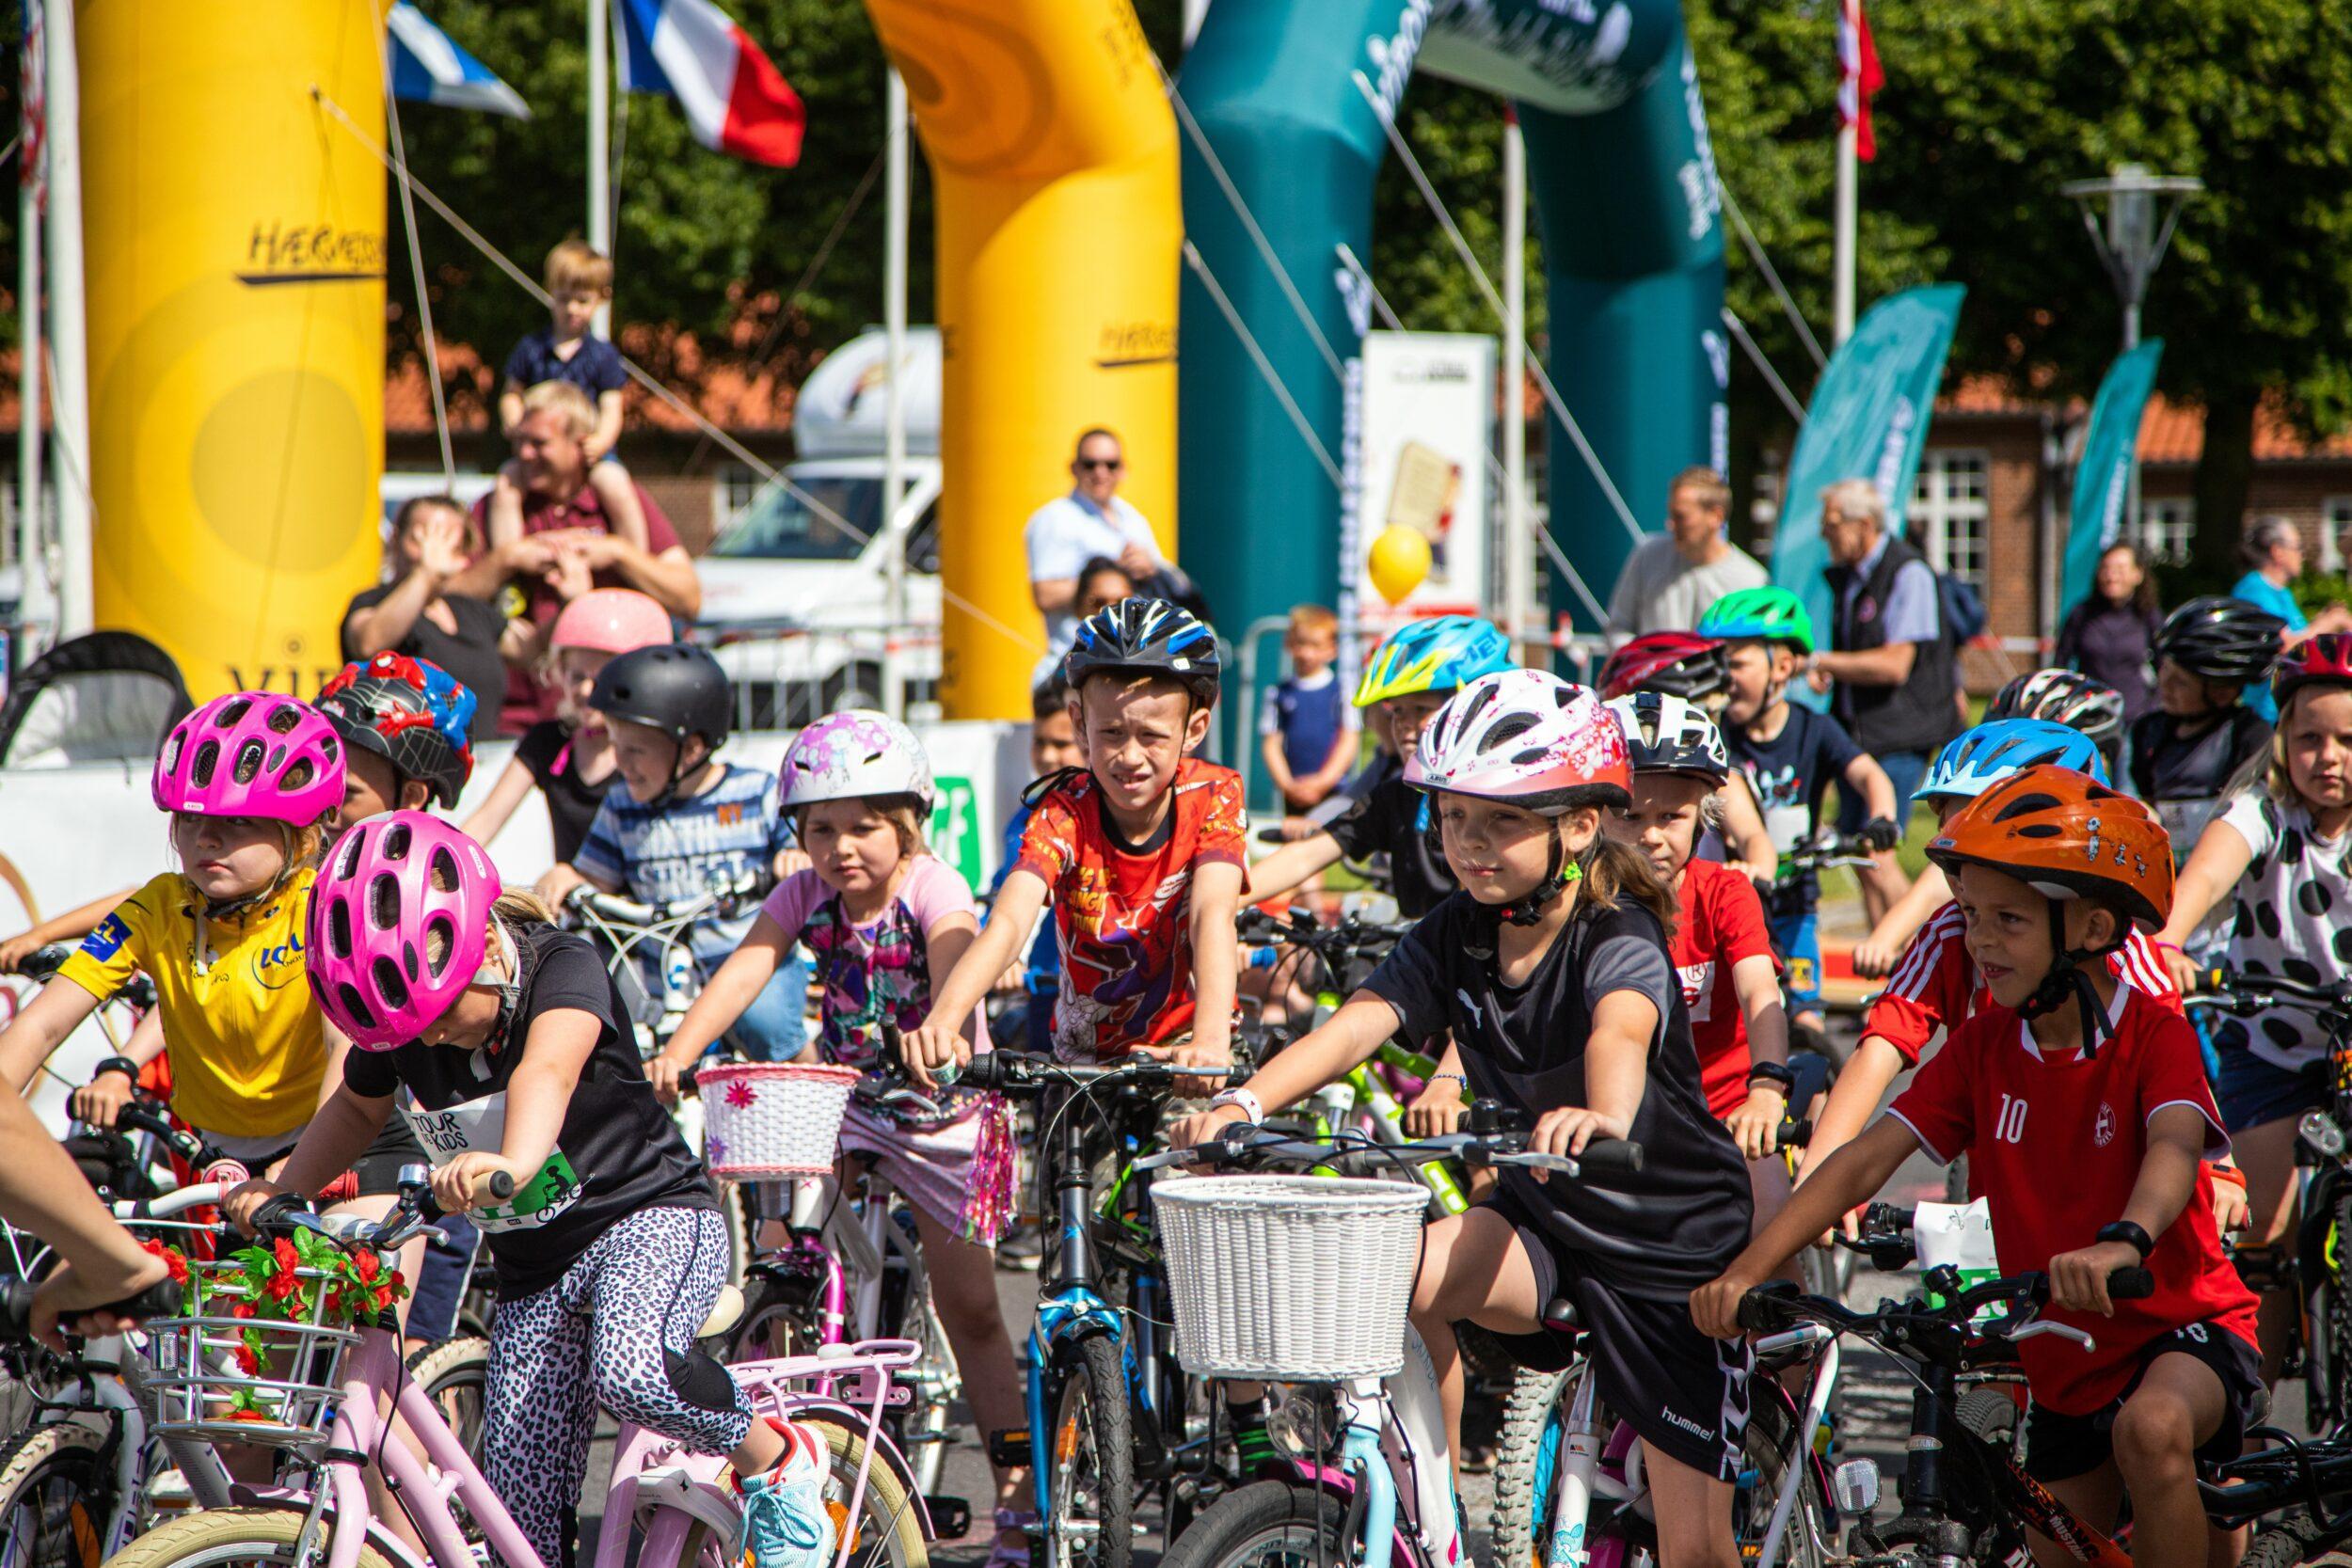 Danmarks største cykelløb for børn kommer til Holbæk